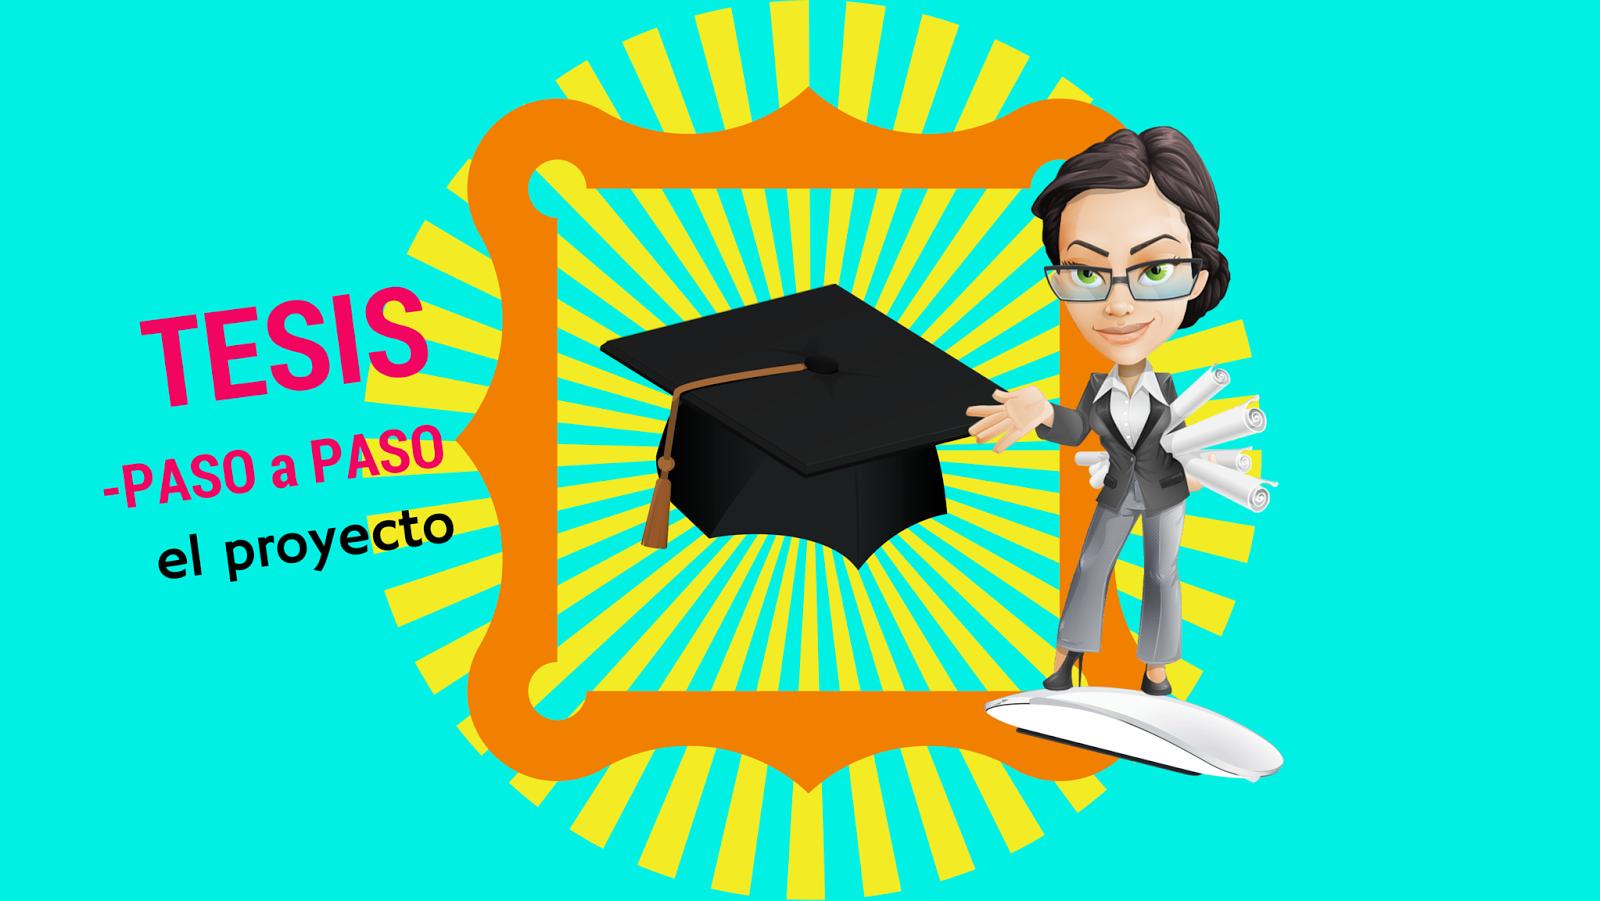 ¡9.99! Curso Online: Cómo plantear el proyecto de tesis?